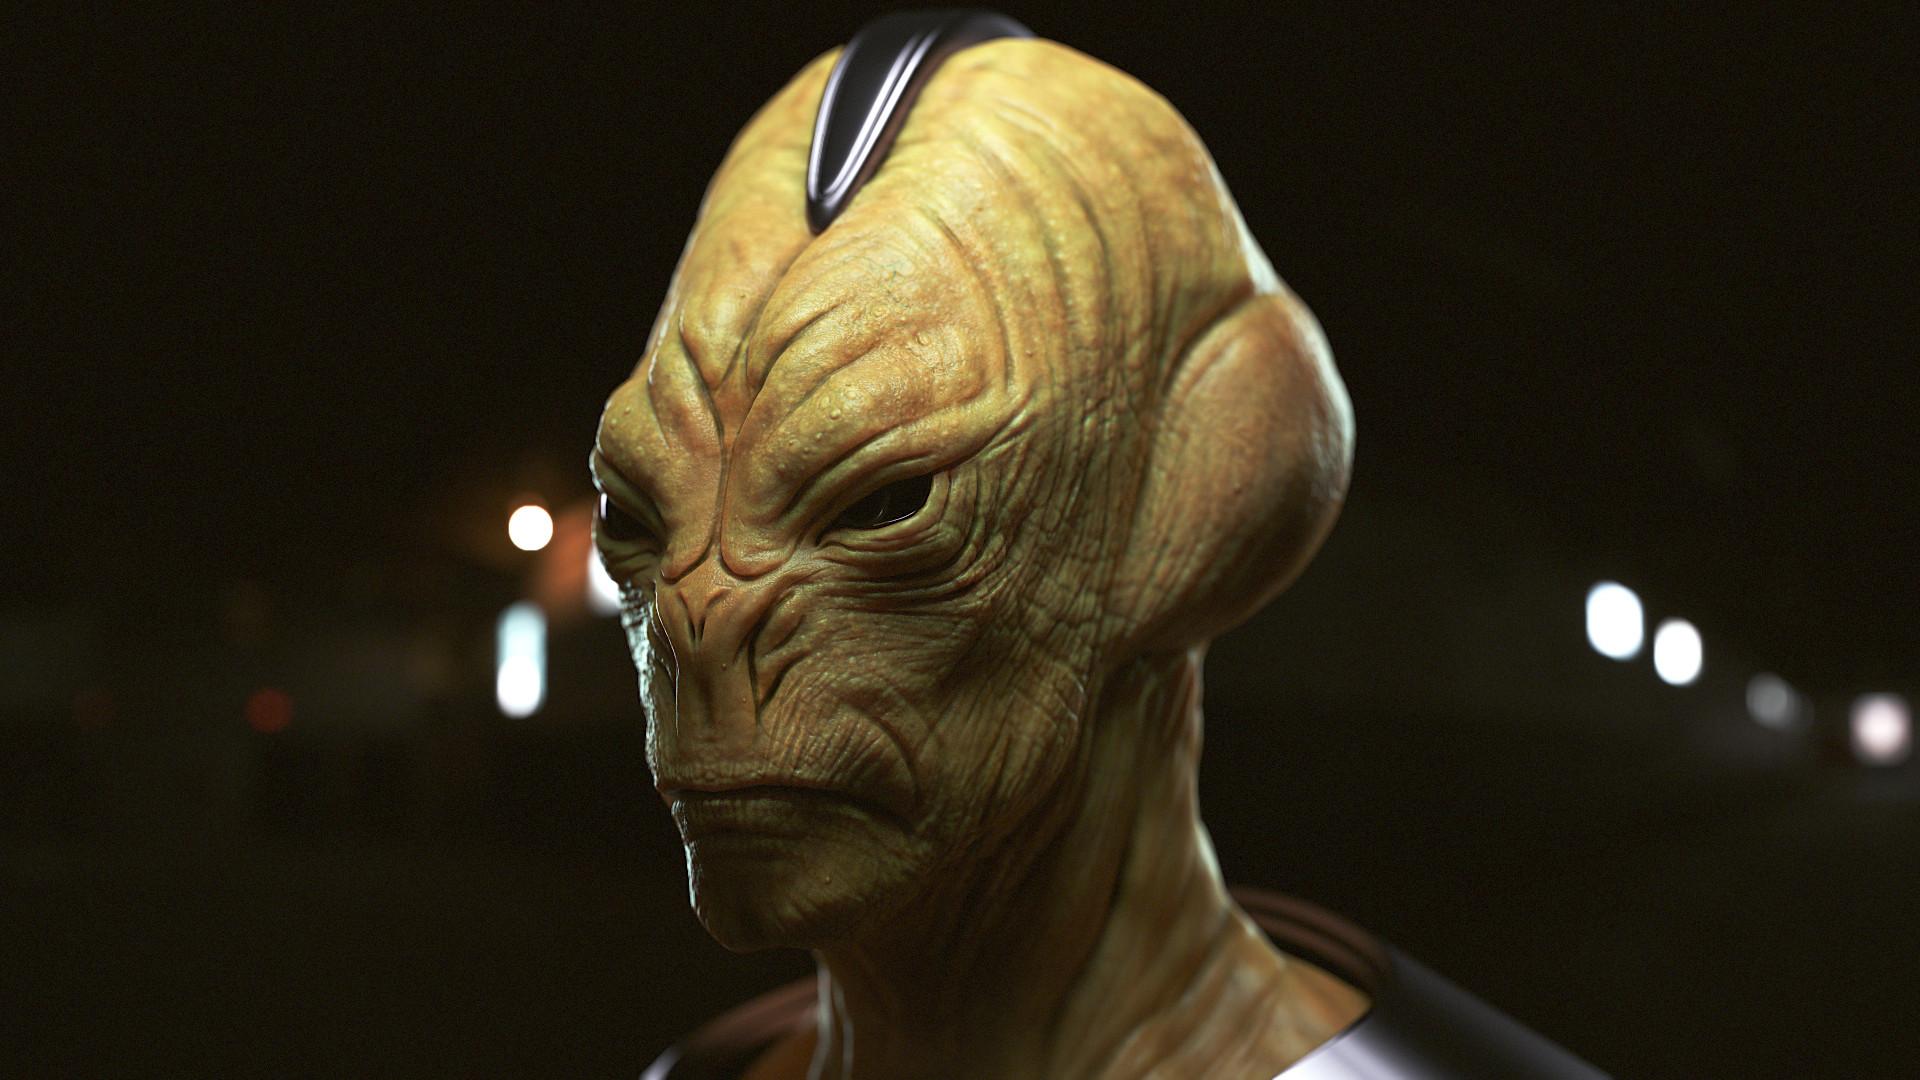 Ilhan yilmaz alien v03 21 comprender 085